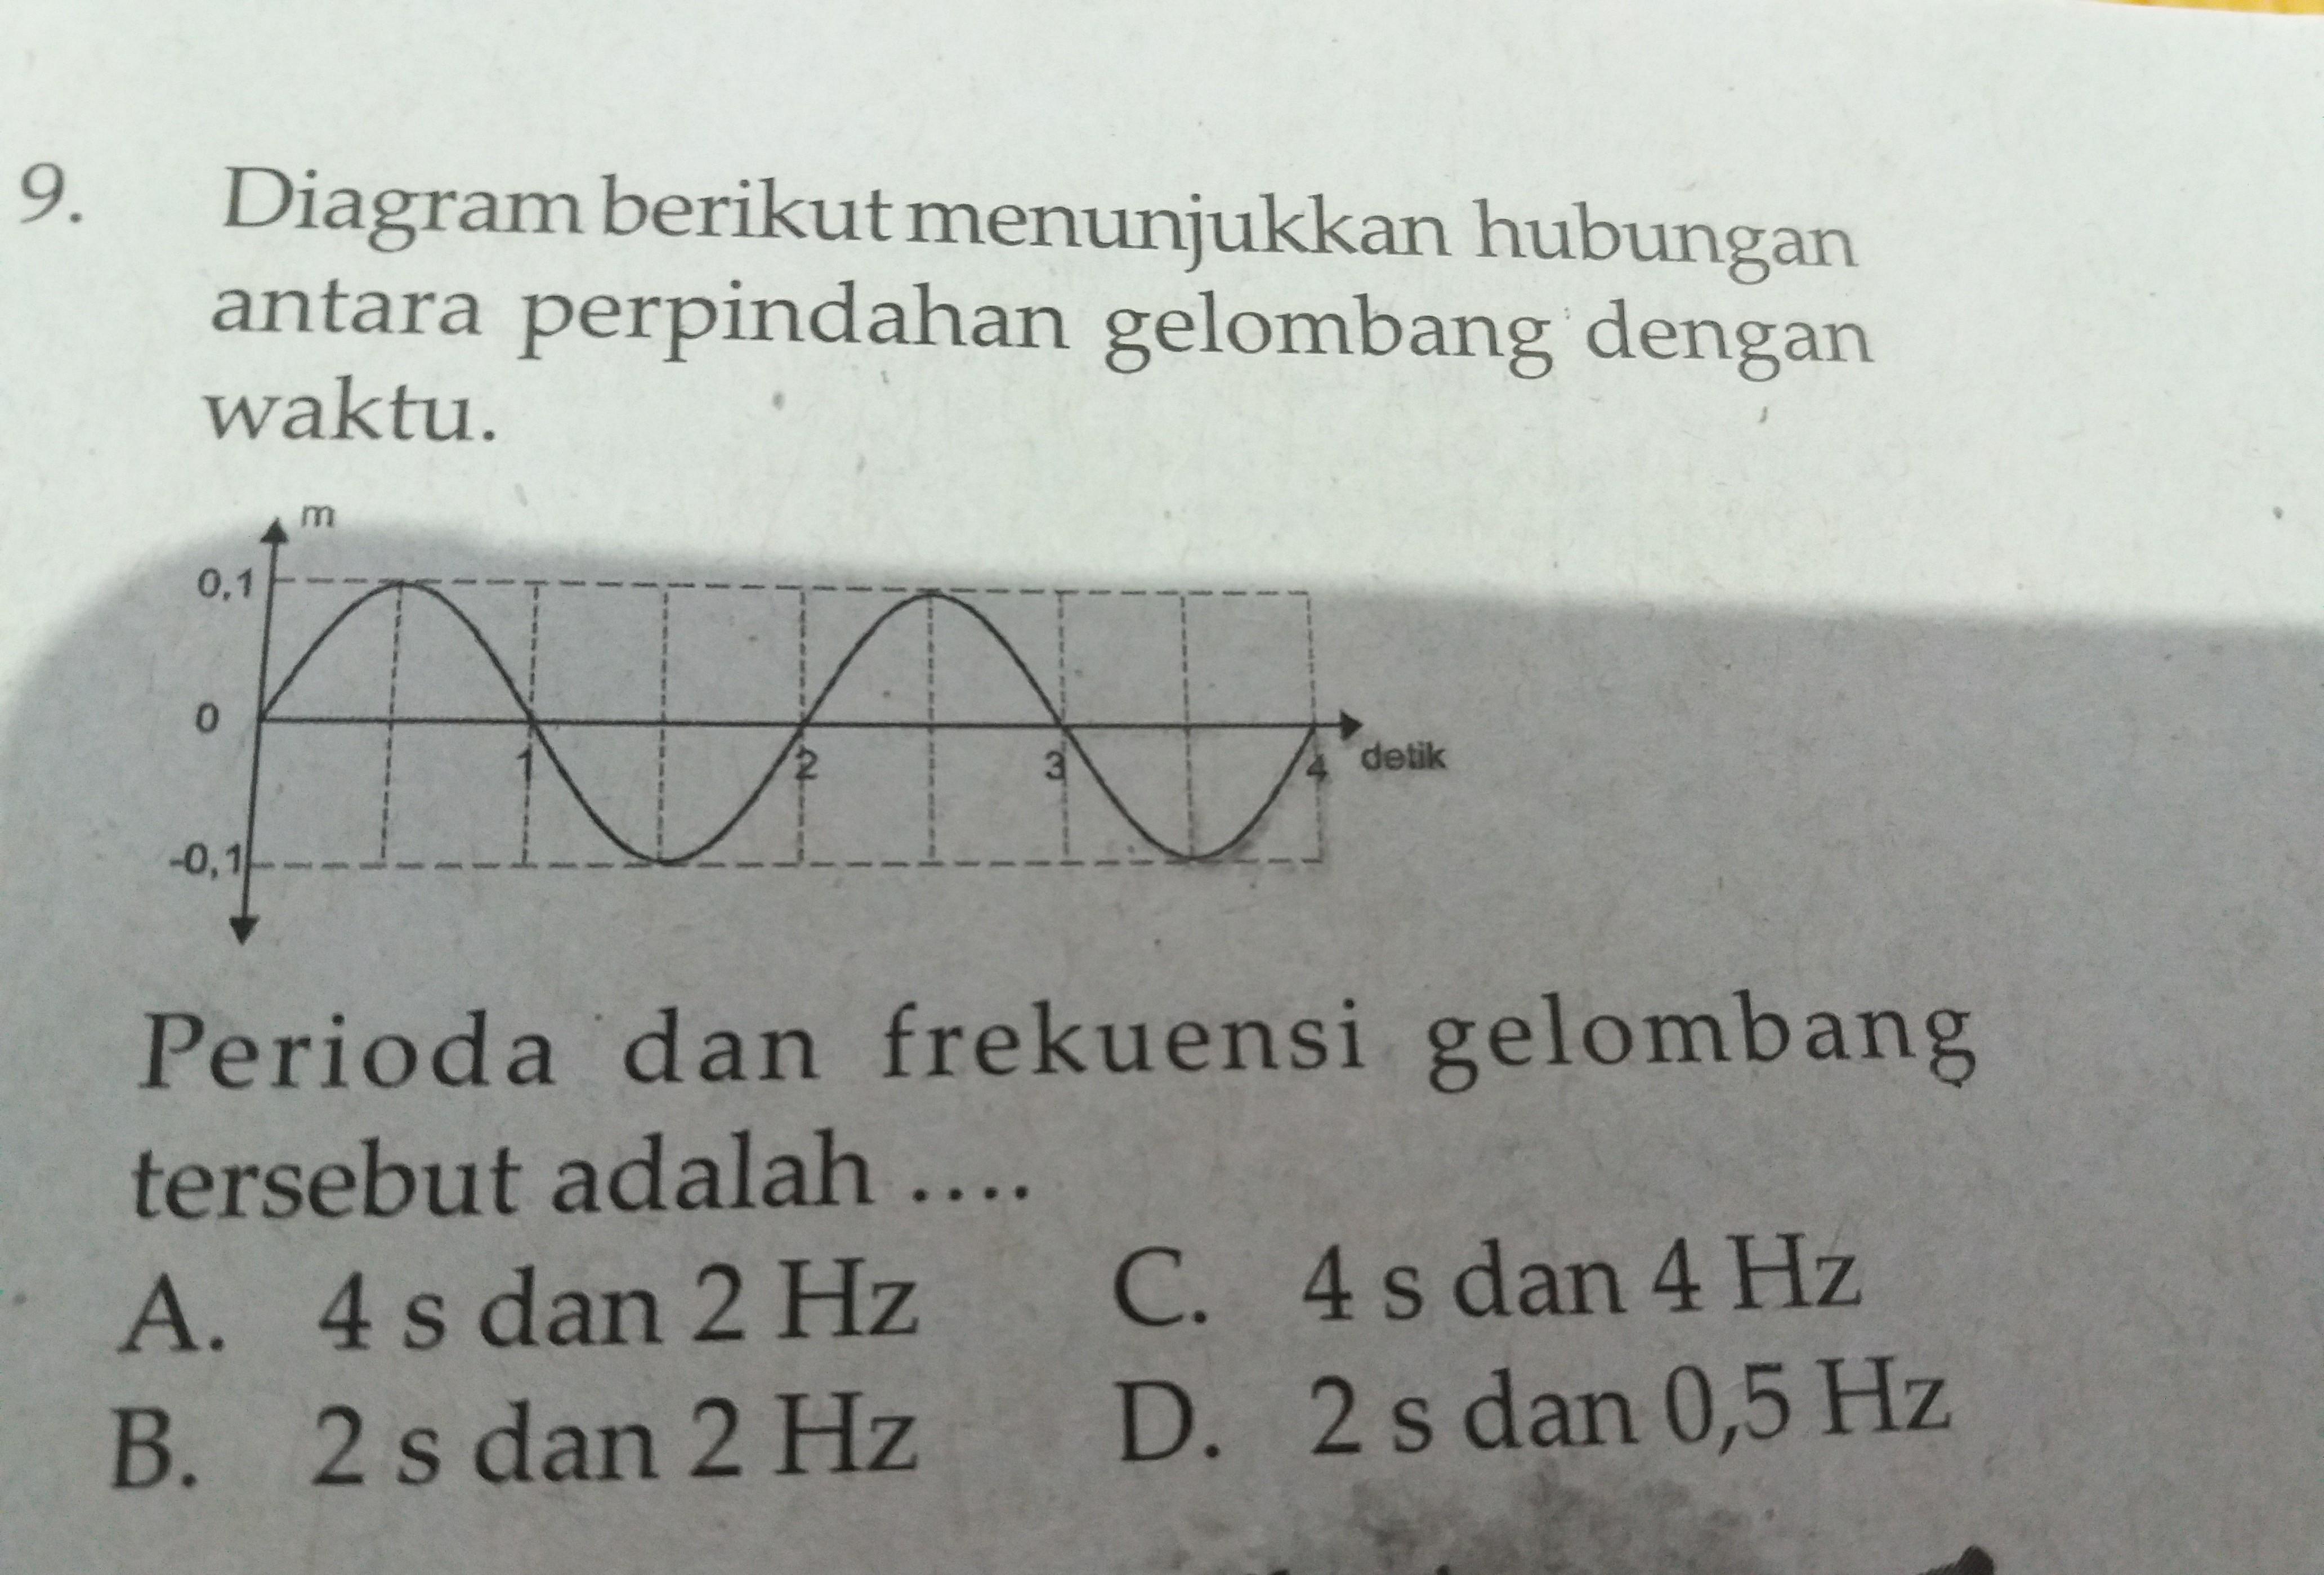 Diagram berikut menunjukkan hubungan antara perpindahan gelombang diagram berikut menunjukkan hubungan antara perpindahan gelombang dengan waktu perioda dan frekuensi gelombang tersebut adalah ccuart Choice Image